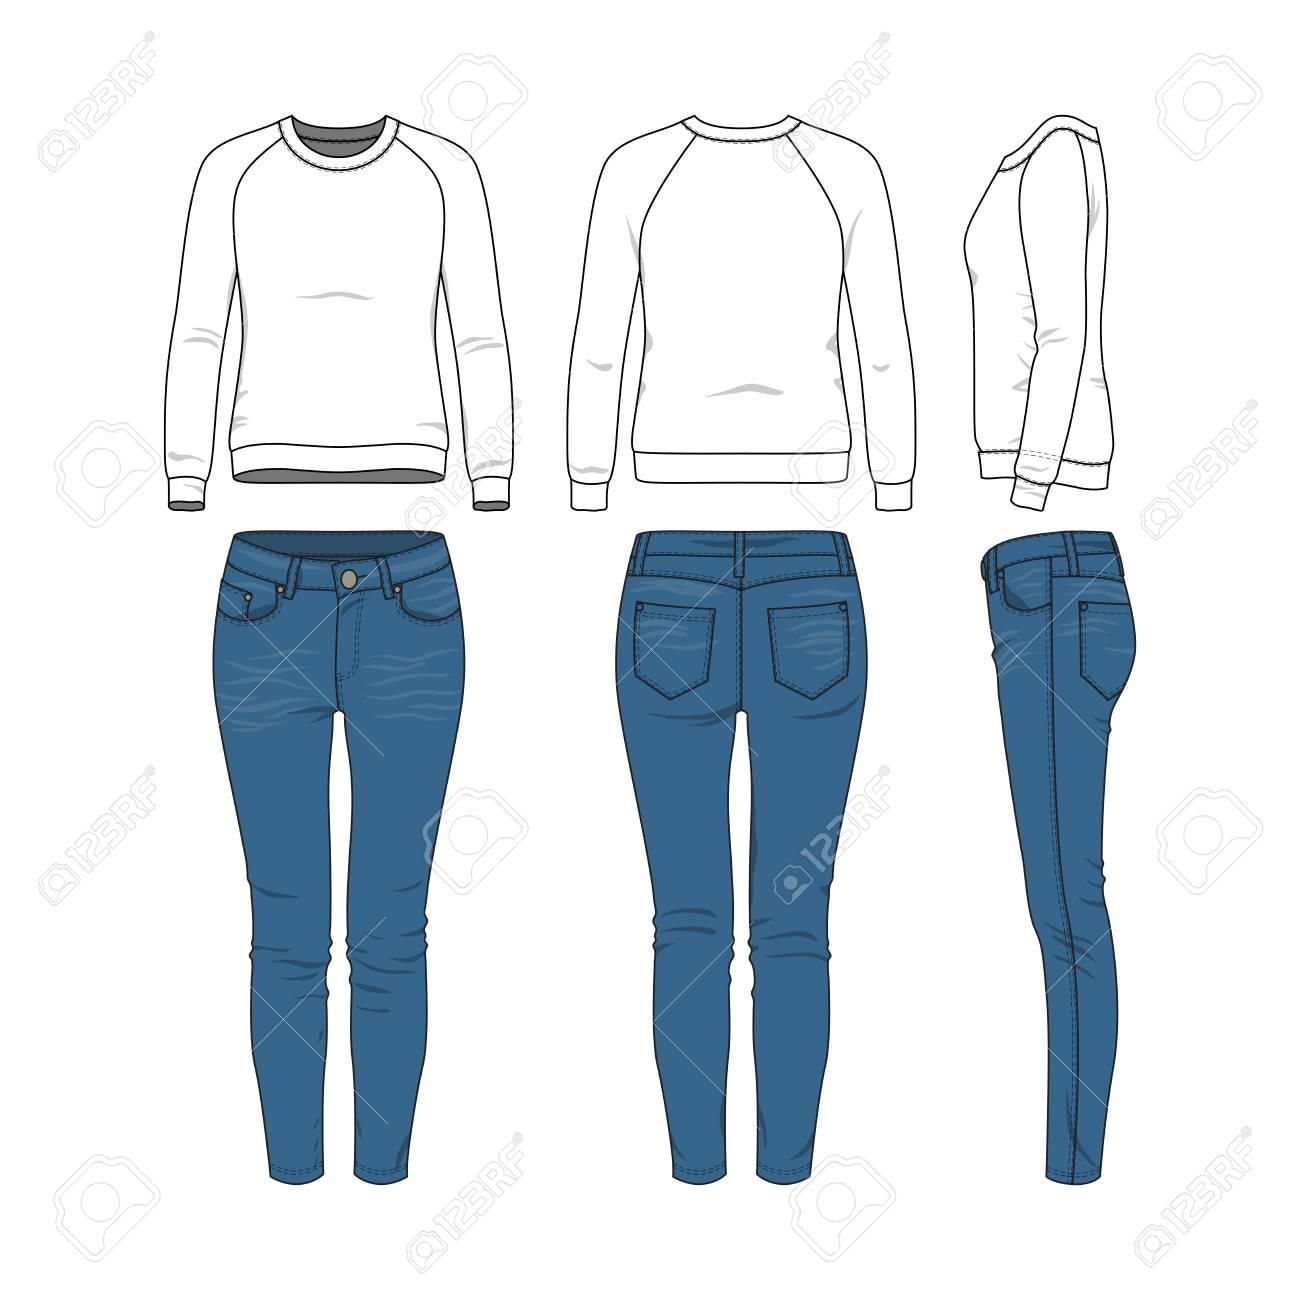 477ea4cae Sudadera Raglan Básica Blanca, Jeans. Plantillas De Ropa De Vector En Blanco  Para El Diseño De Moda En Estilo Urbano O Hipsters Moderno. Aislado ...